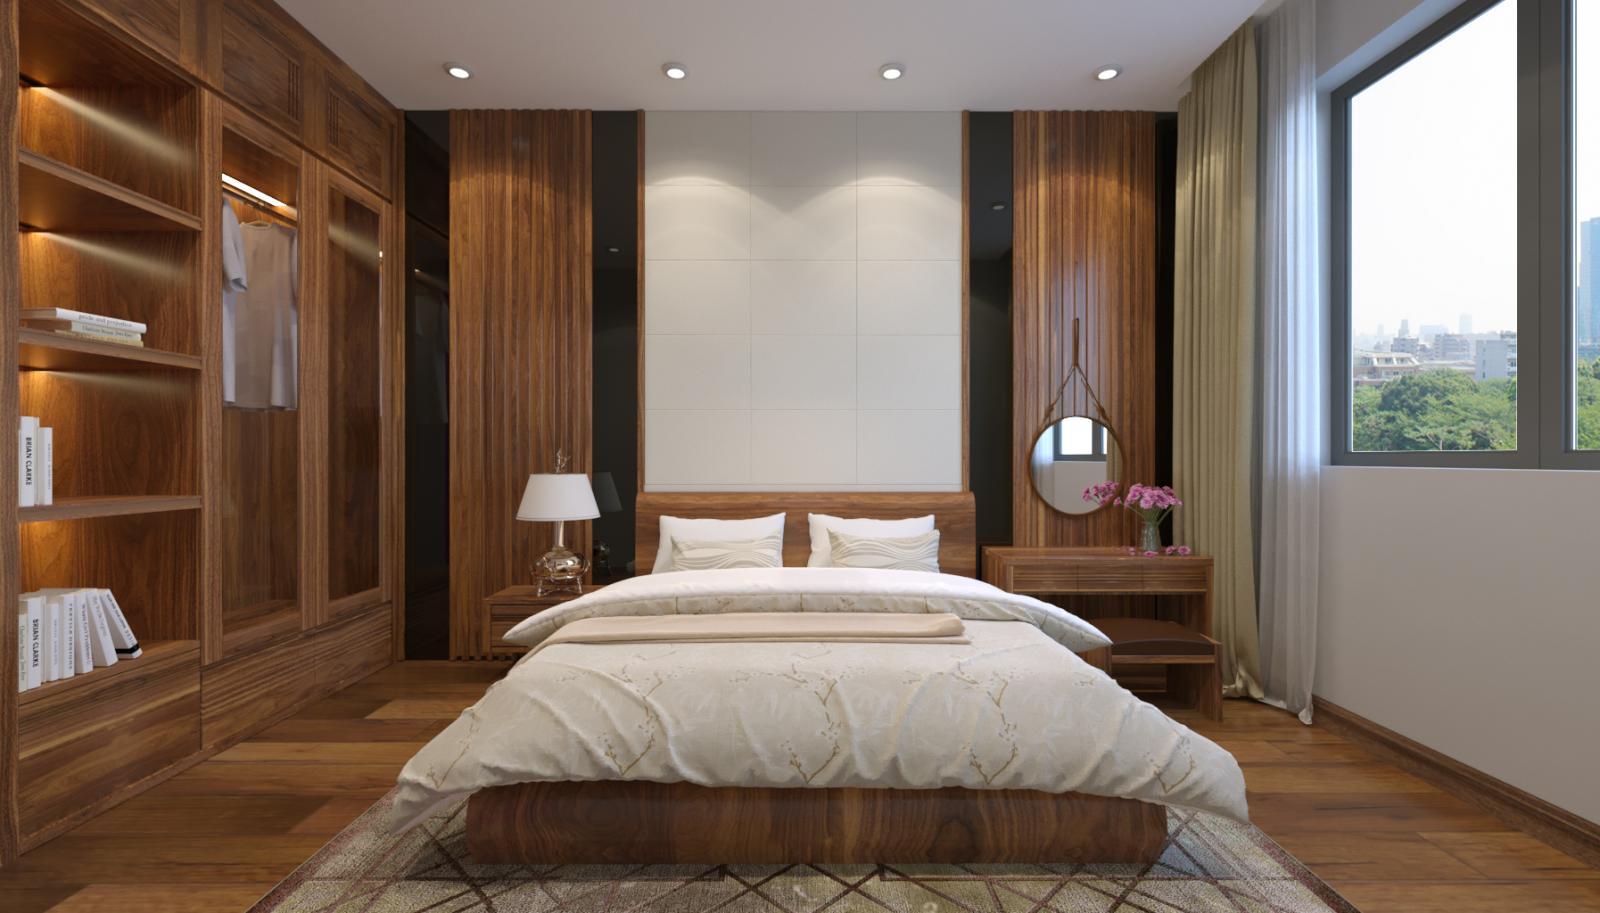 phối cảnh nội thất phòng ngủ phụ